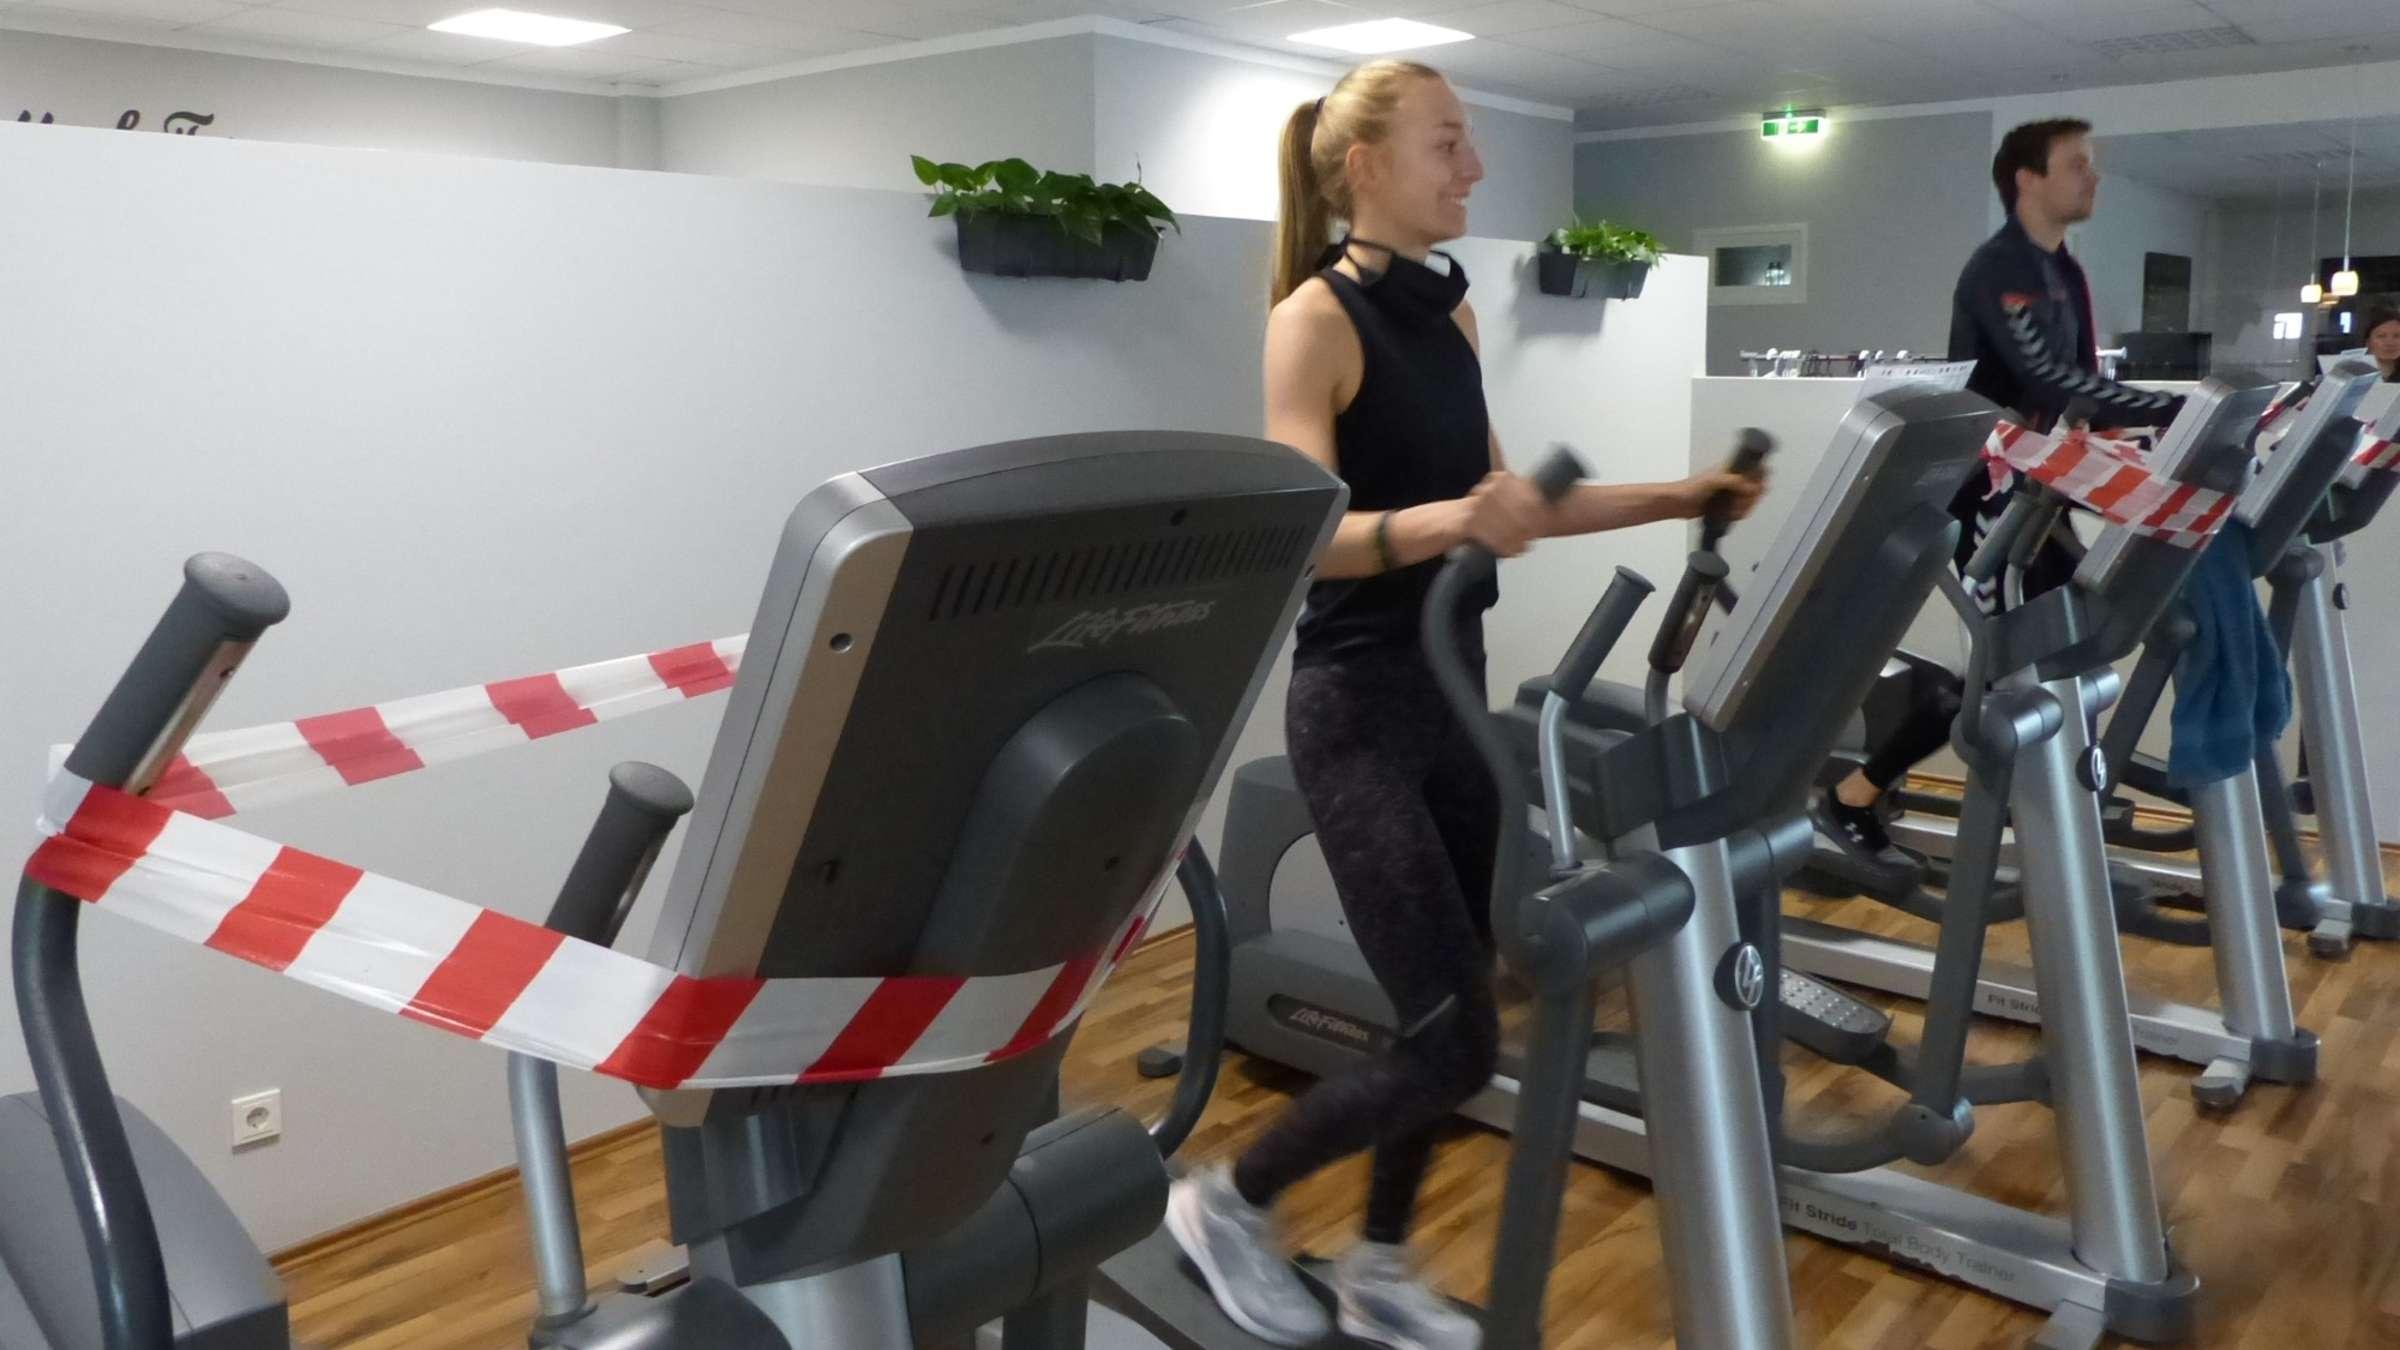 Coronavirus In Meinerzhagen Nach Dem Neustart Herrscht In Fitnessstudios Getrubte Freude Meinerzhagen